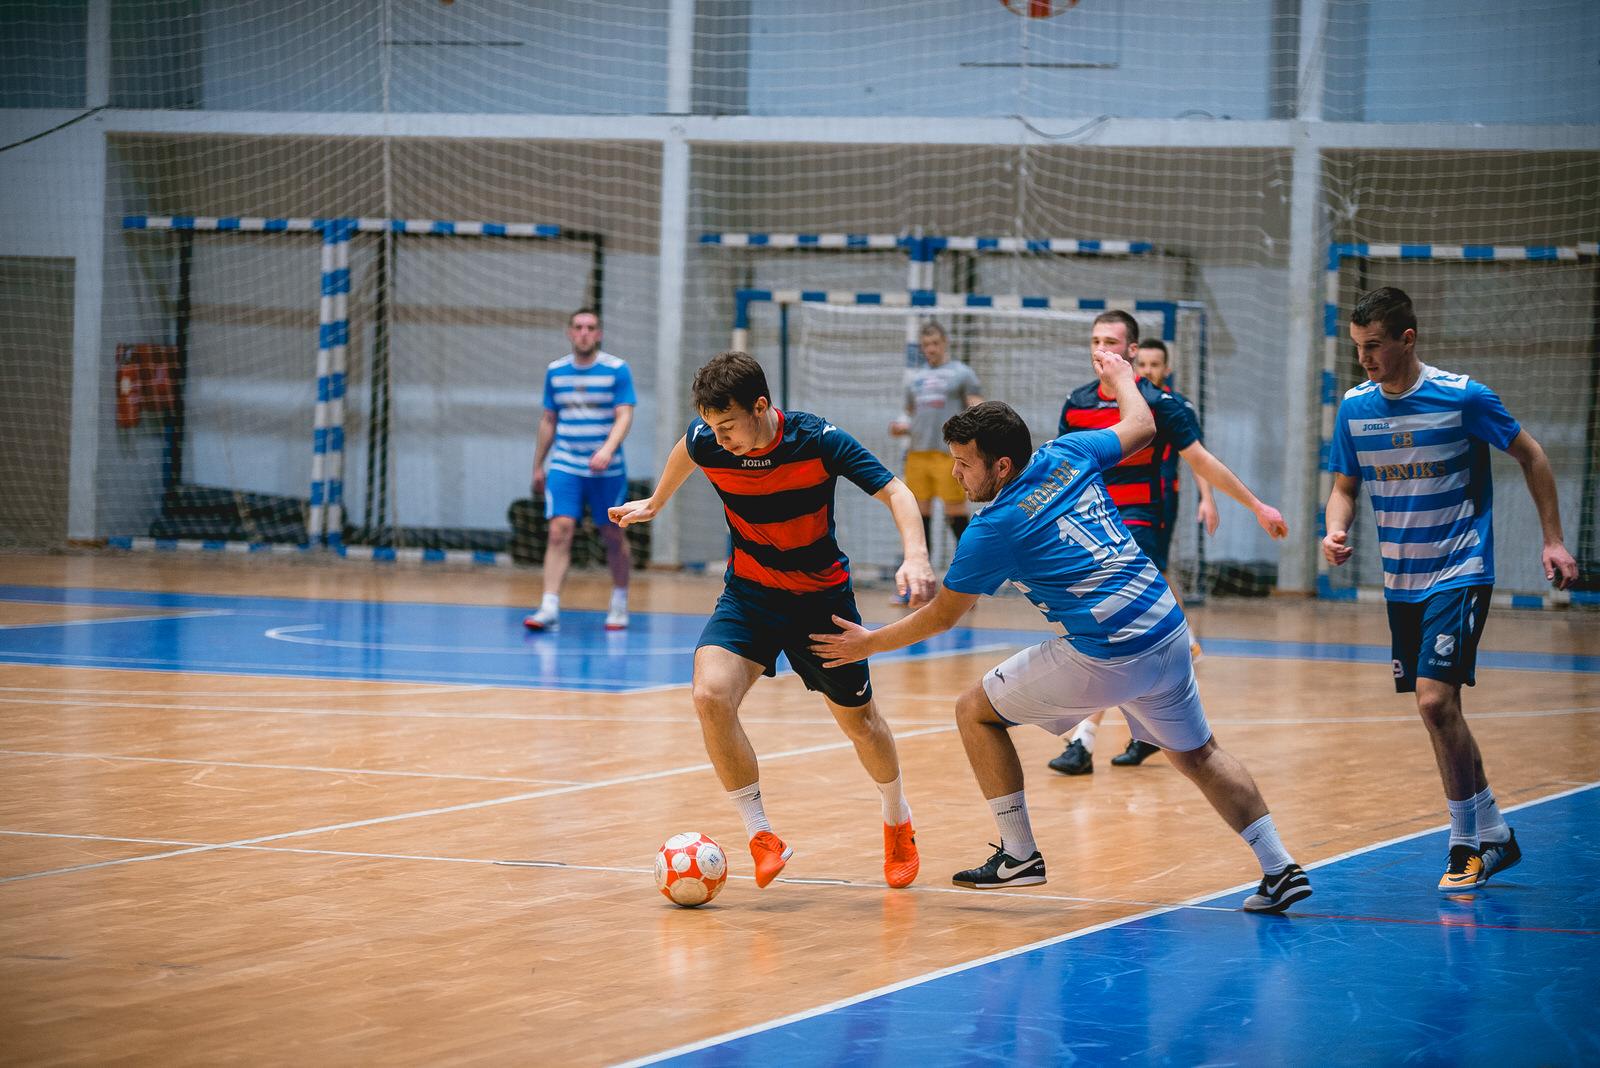 likaclub_gospić_zimski-malonogometni-turnir-2018-19-40